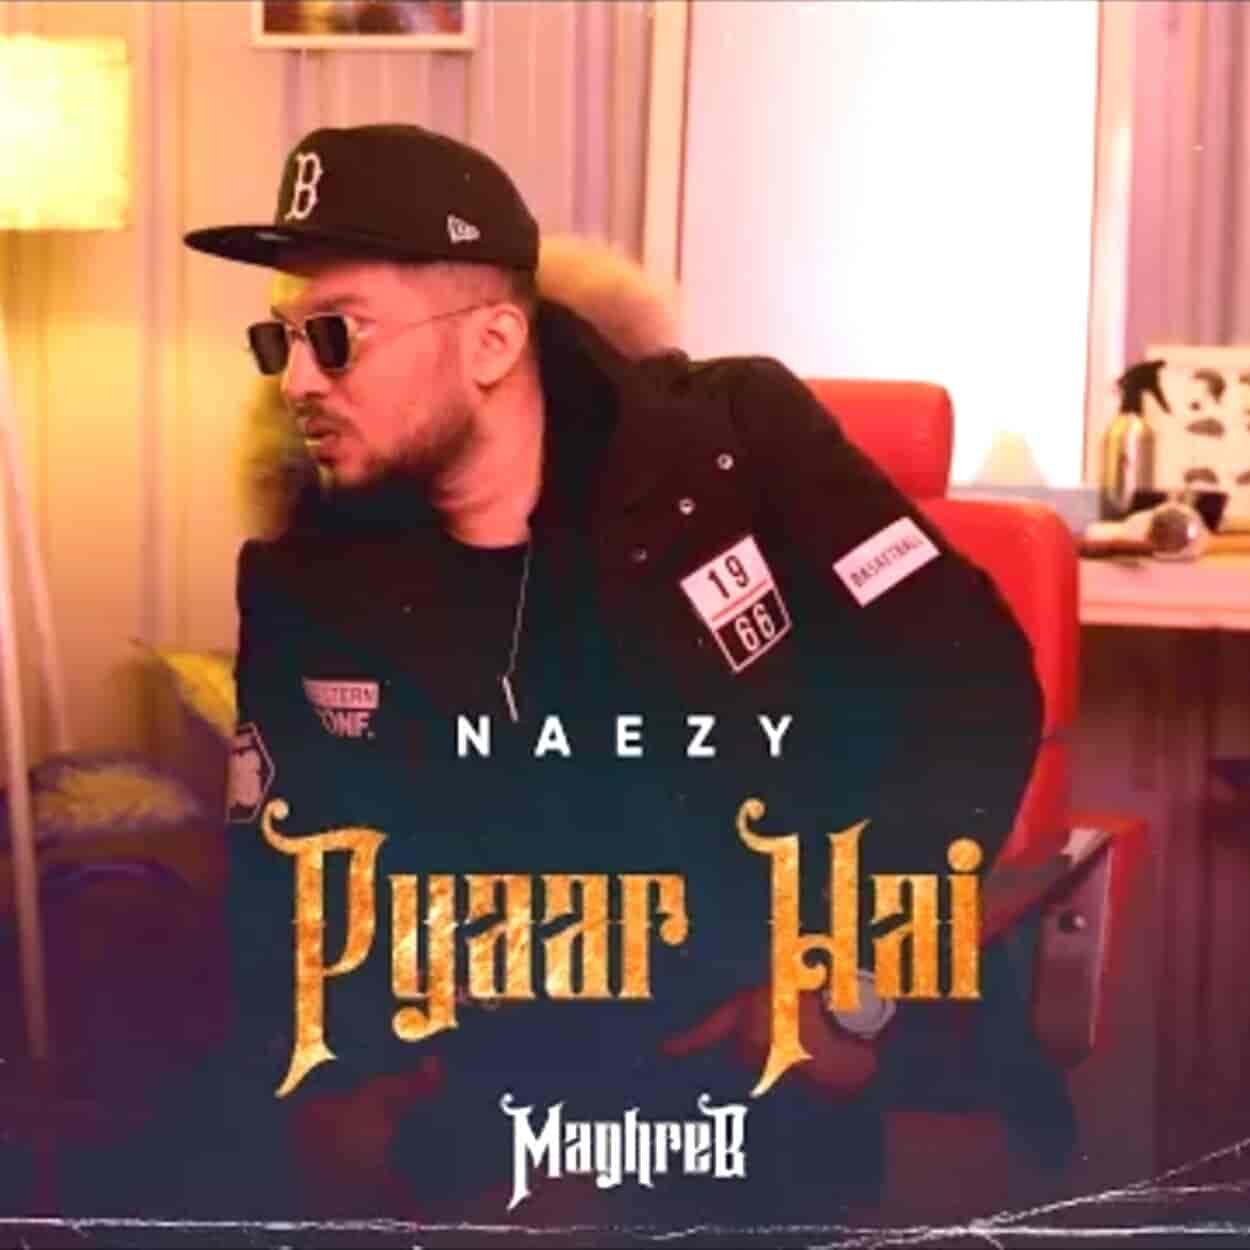 Pyaar Hai Lyrics Naezy